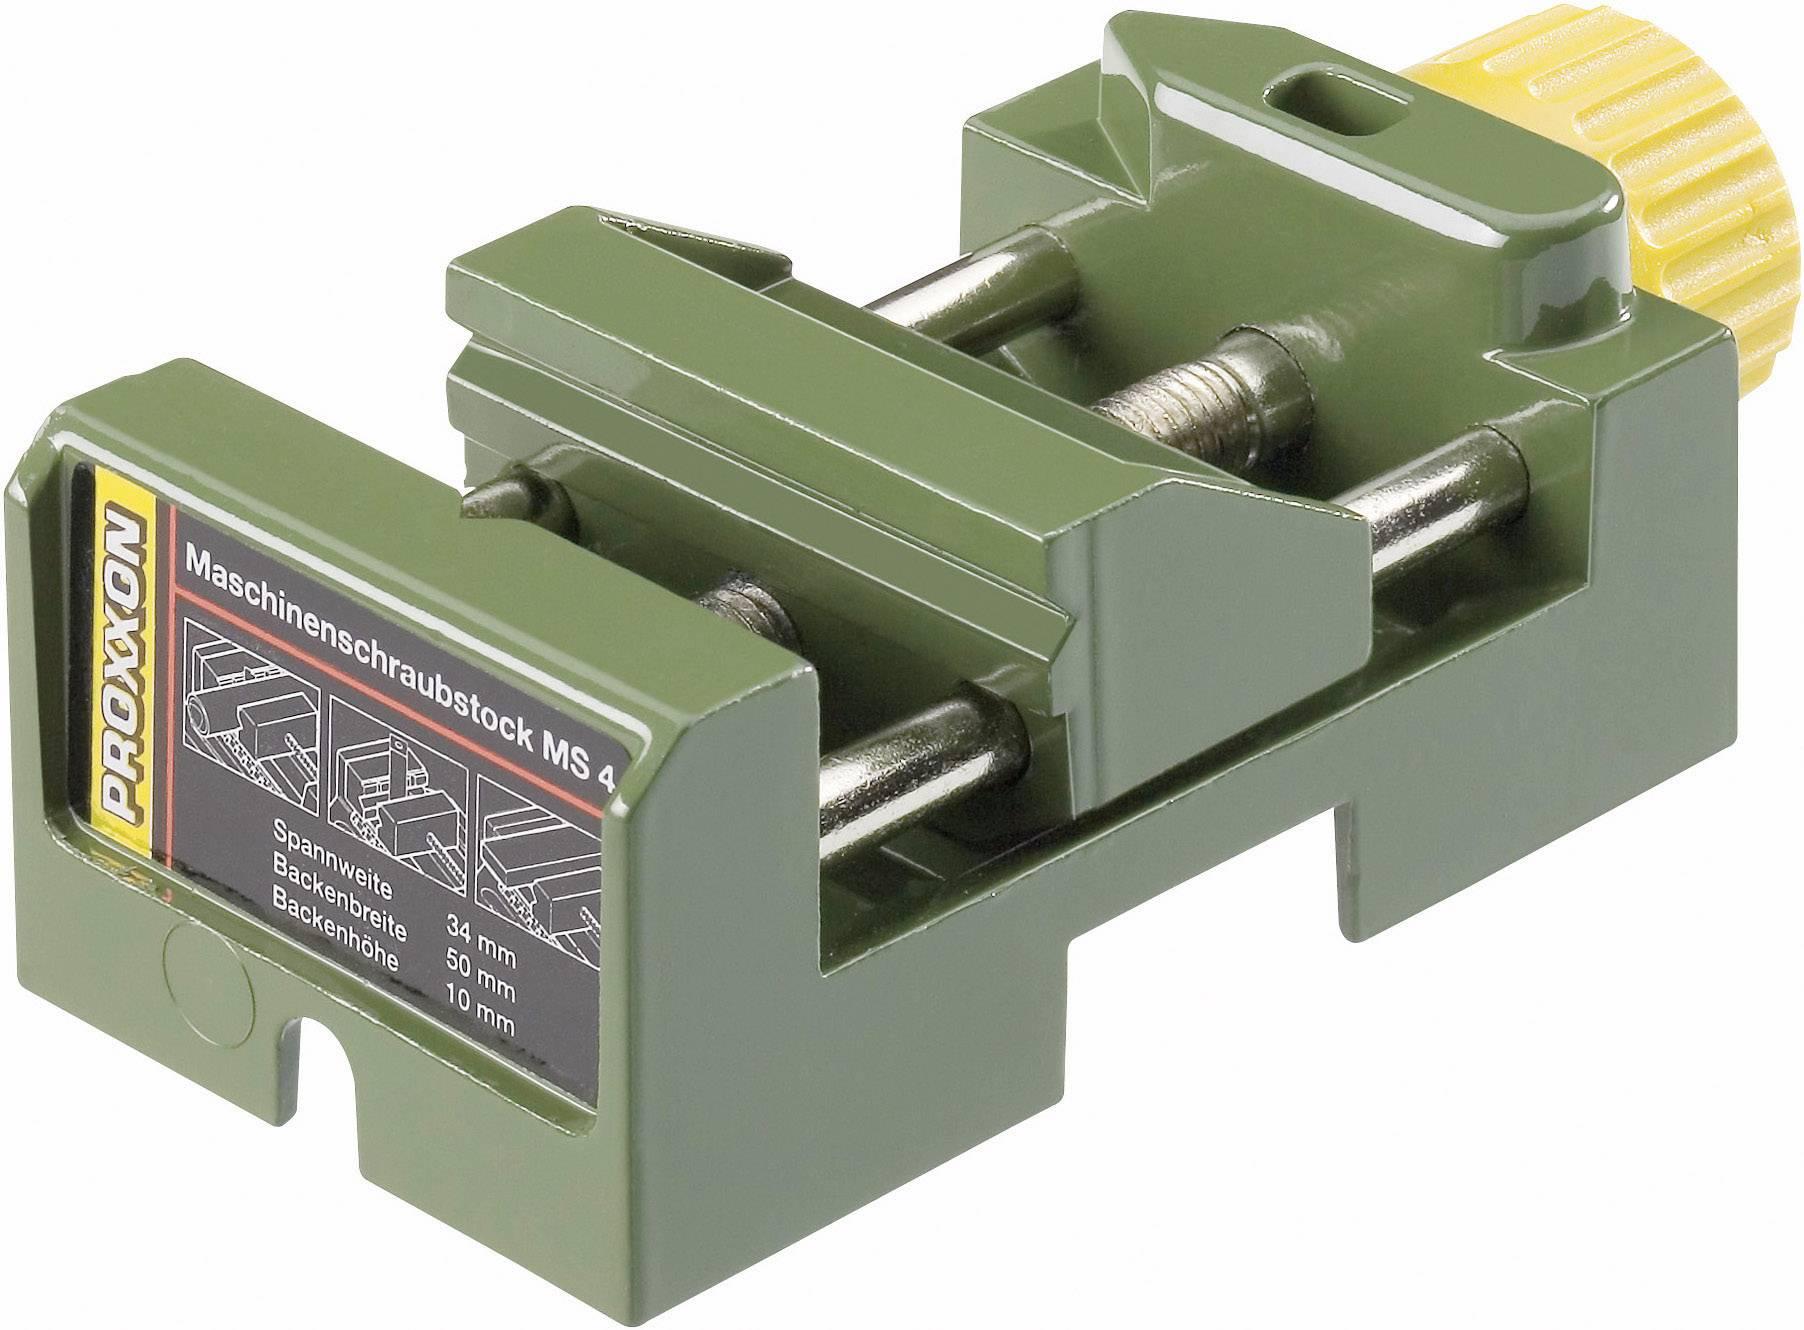 Proxxon Micromot MS 4 Machine Vice Drill Accessories Drill Press Vices